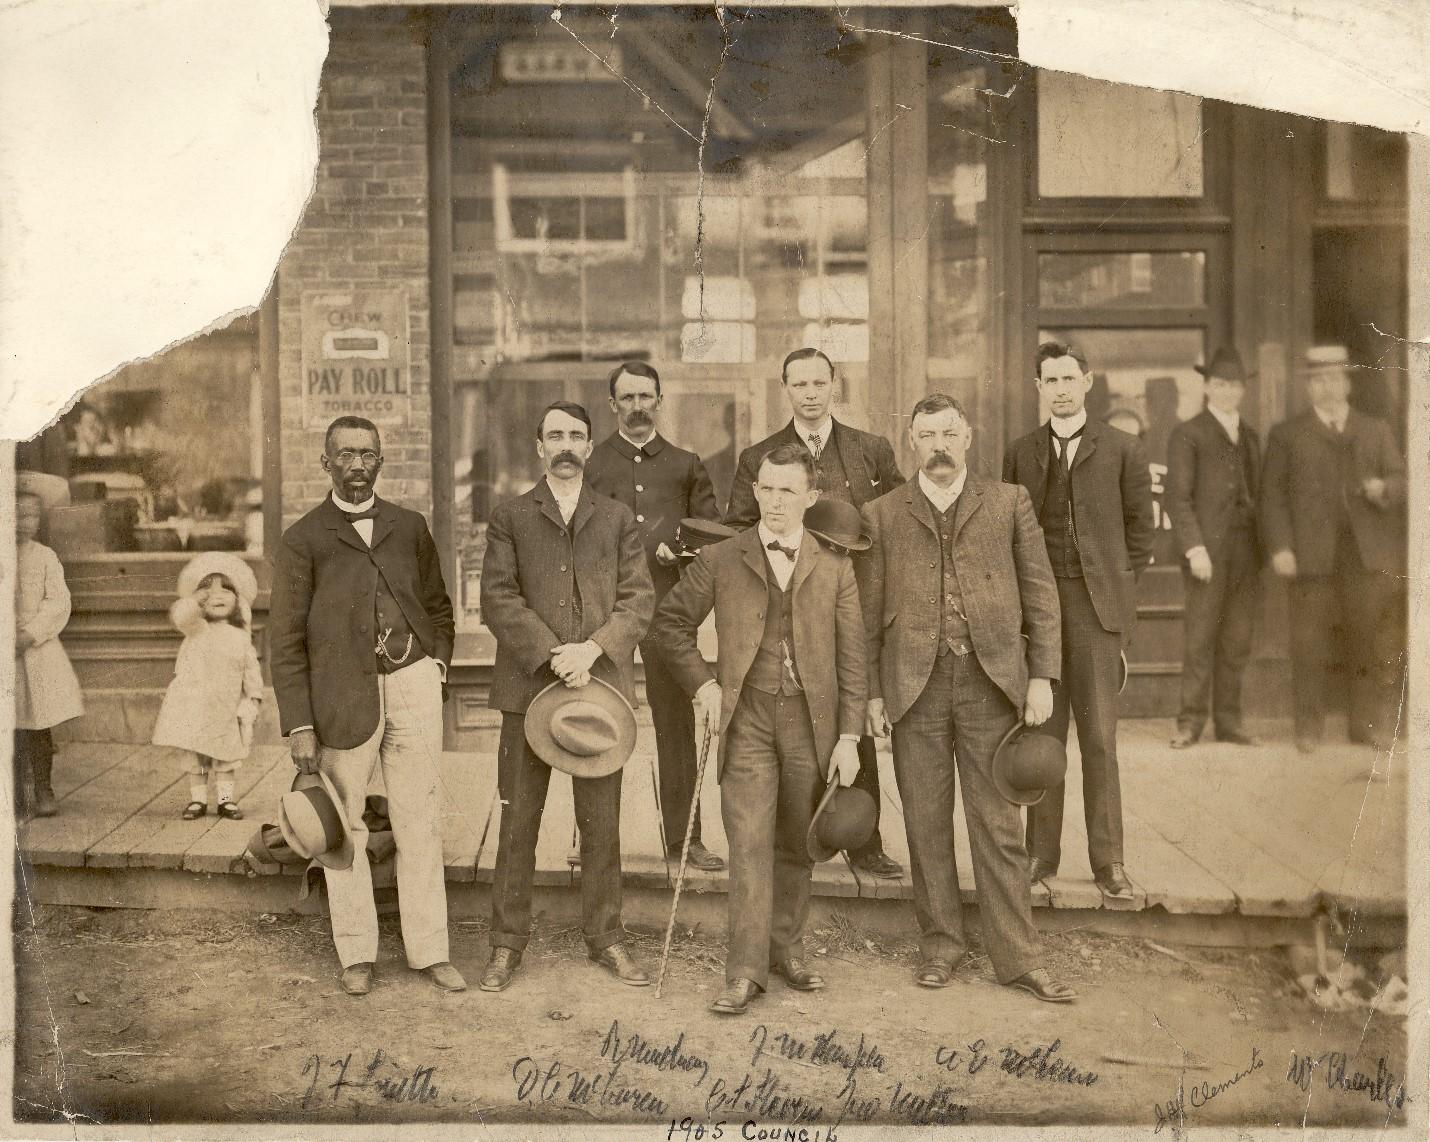 Photographie noir et blanc de sept hommes en complet prenant la pose sur un trottoir en bois devant l'entrée d'un bâtiment. À l'arrière-plan, on voit des passants – deux hommes en complet et deux jeunes filles inconnues vêtues de robes blanches et coiffées de chapeaux blancs.